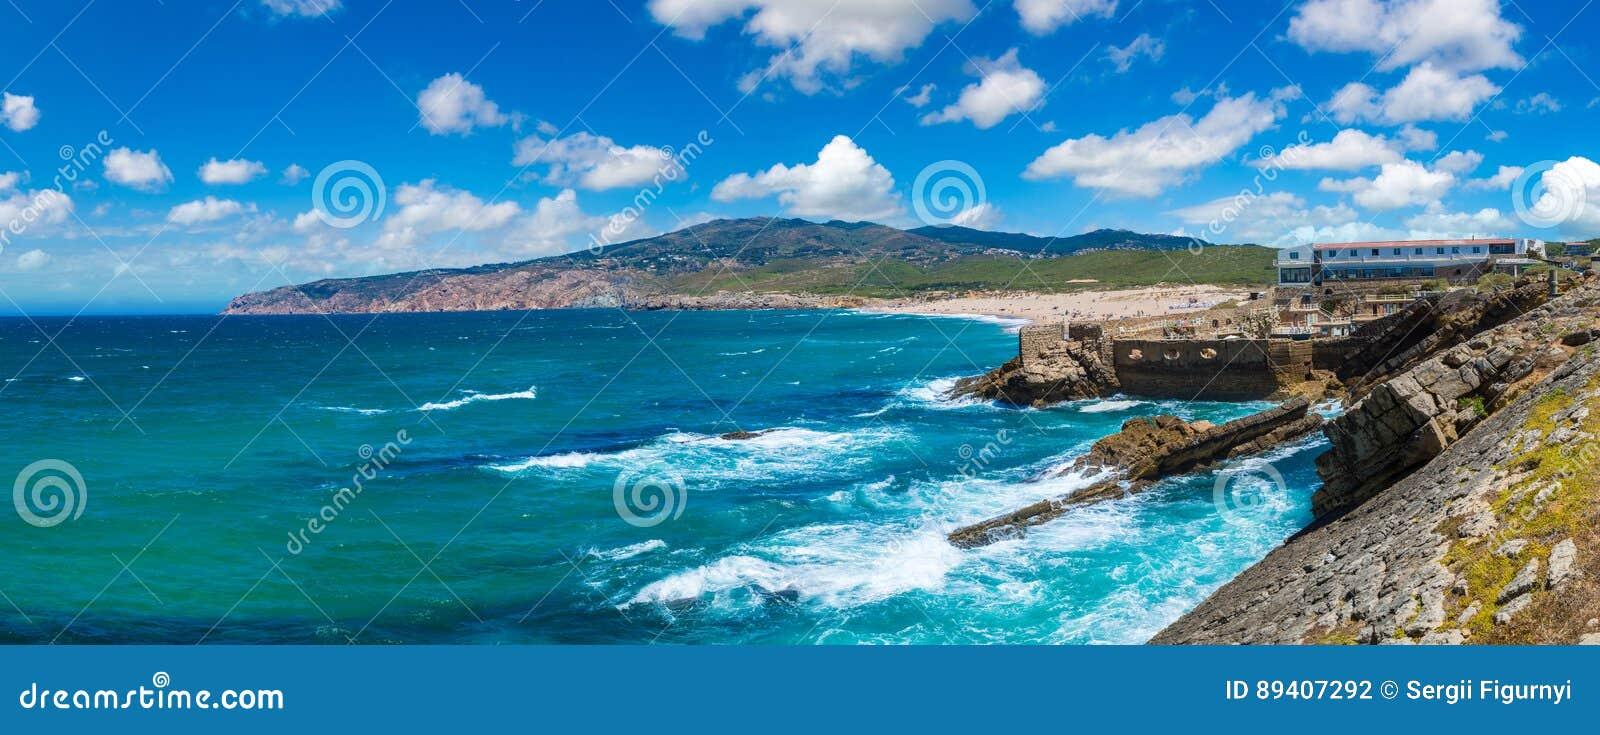 Costa de Oceano Atlântico em Portugal